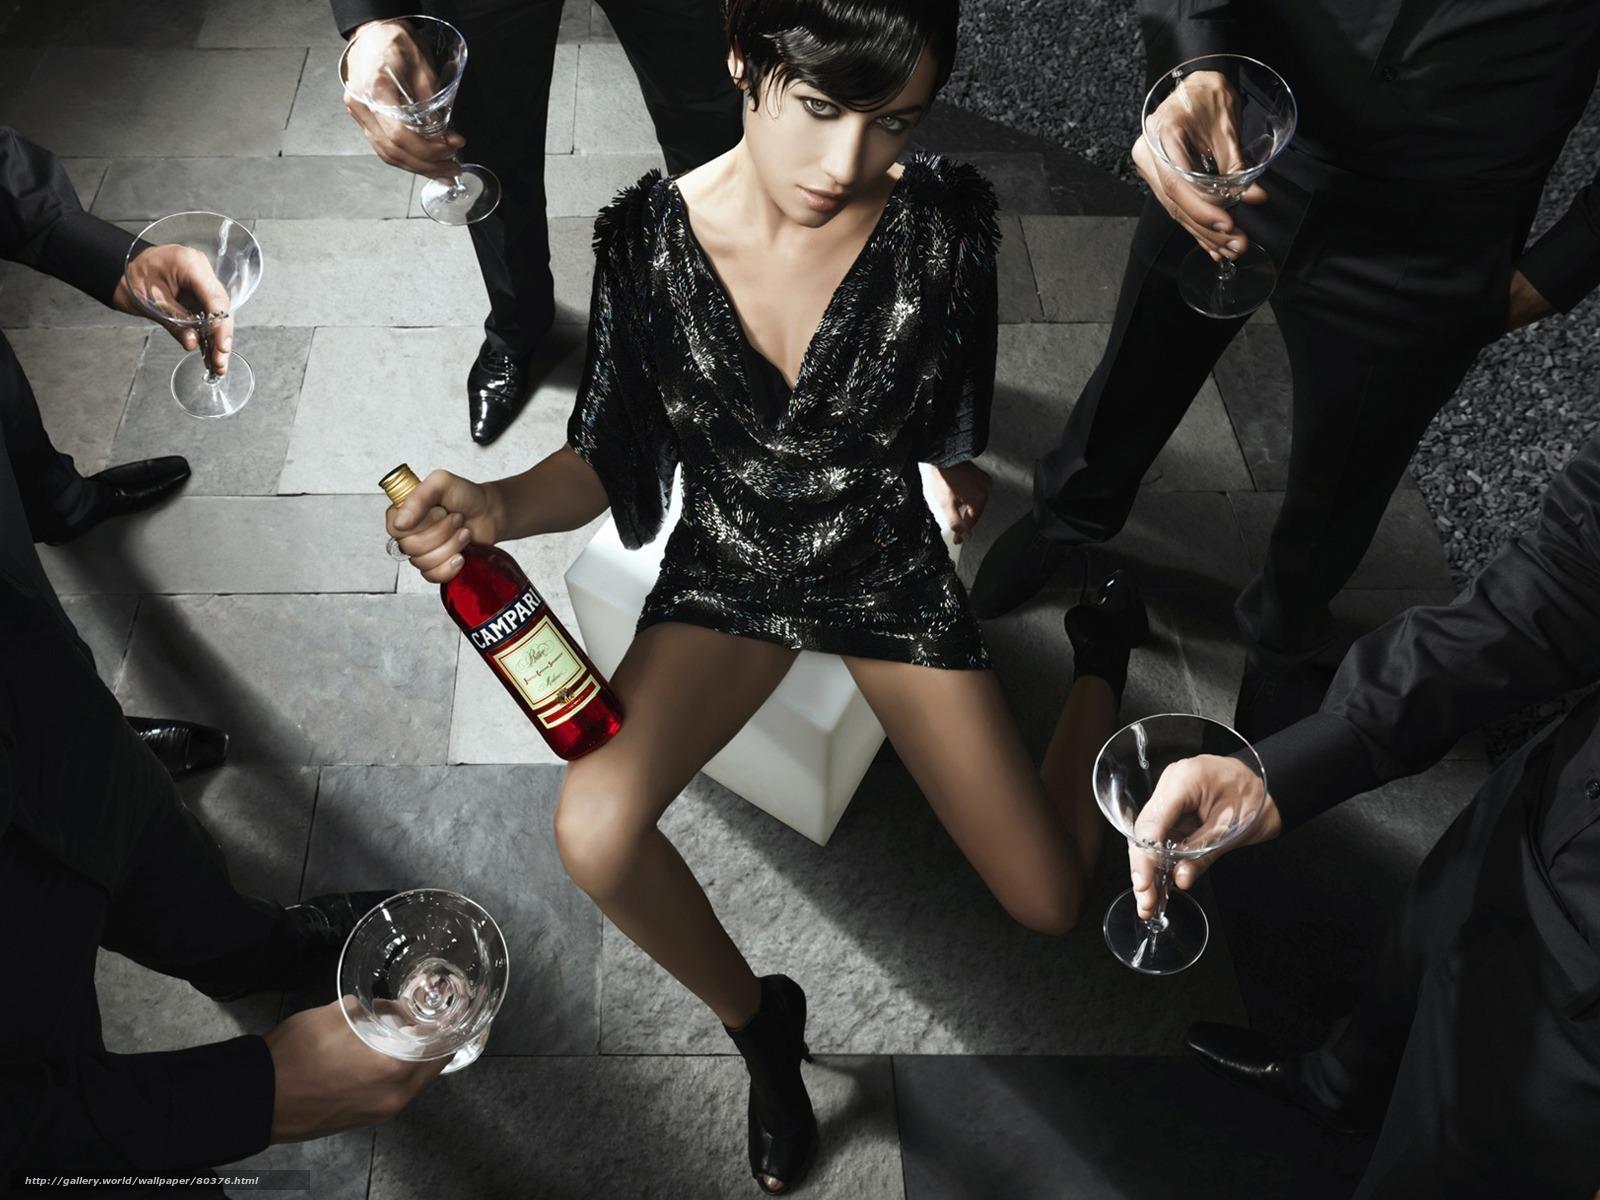 Фото красивых девушек с бутылкой 27 фотография